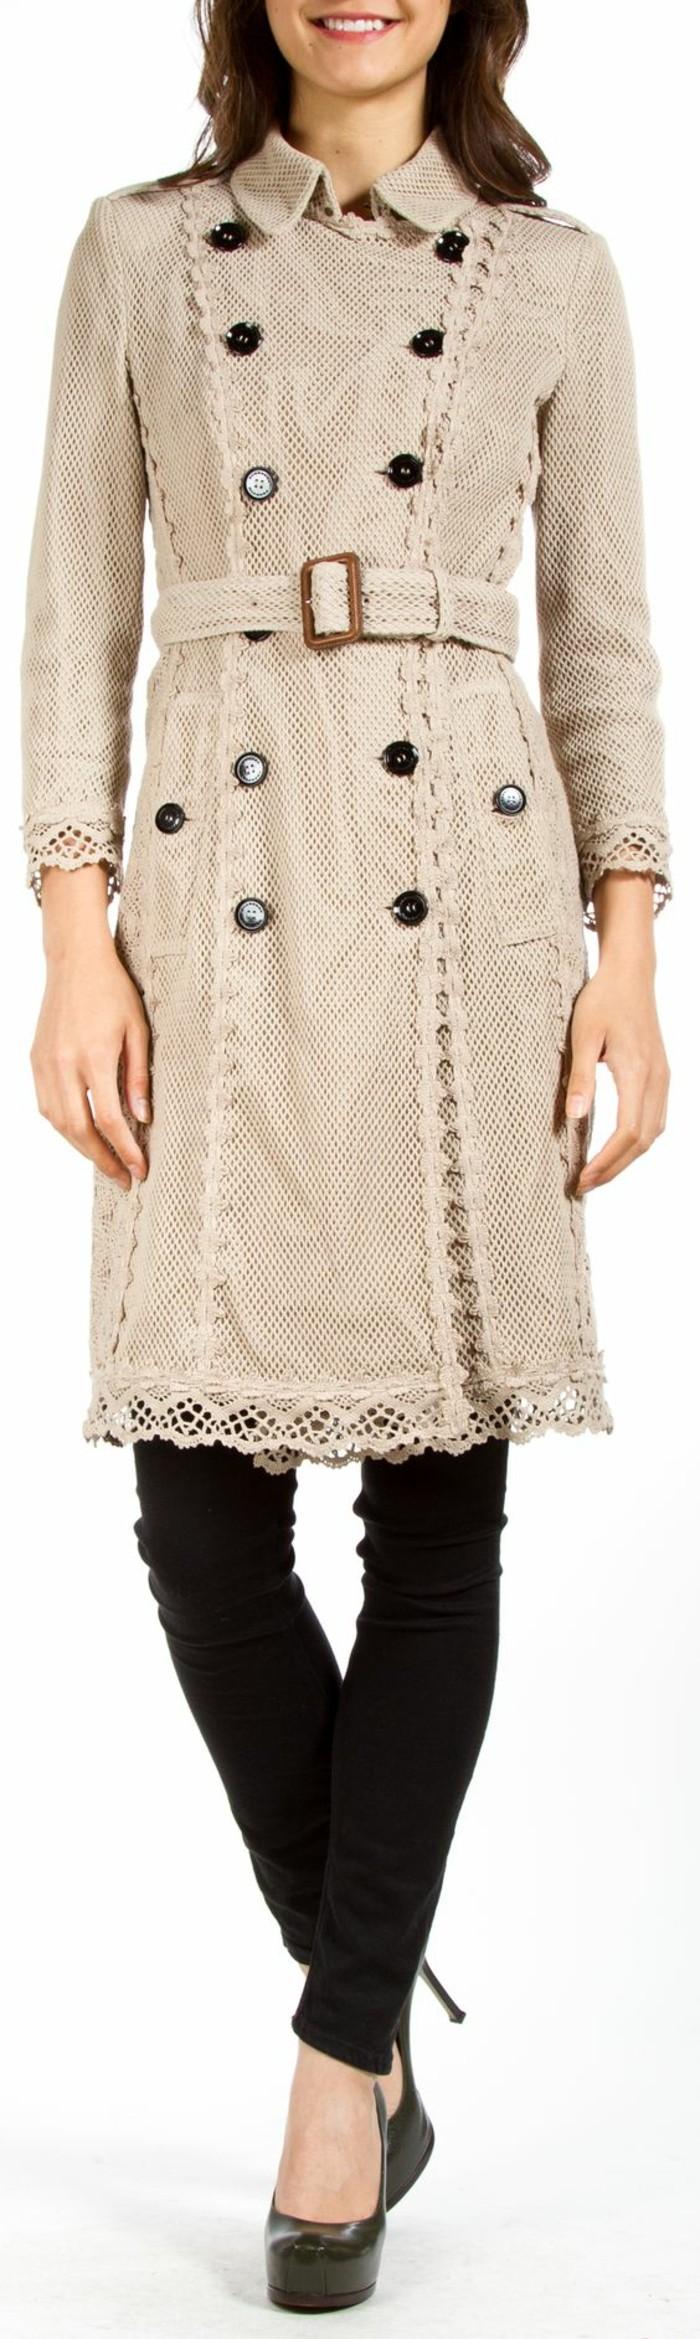 trench-femme-aux-éléments-au-crochet-contraste-couleur-avec-les-boutons